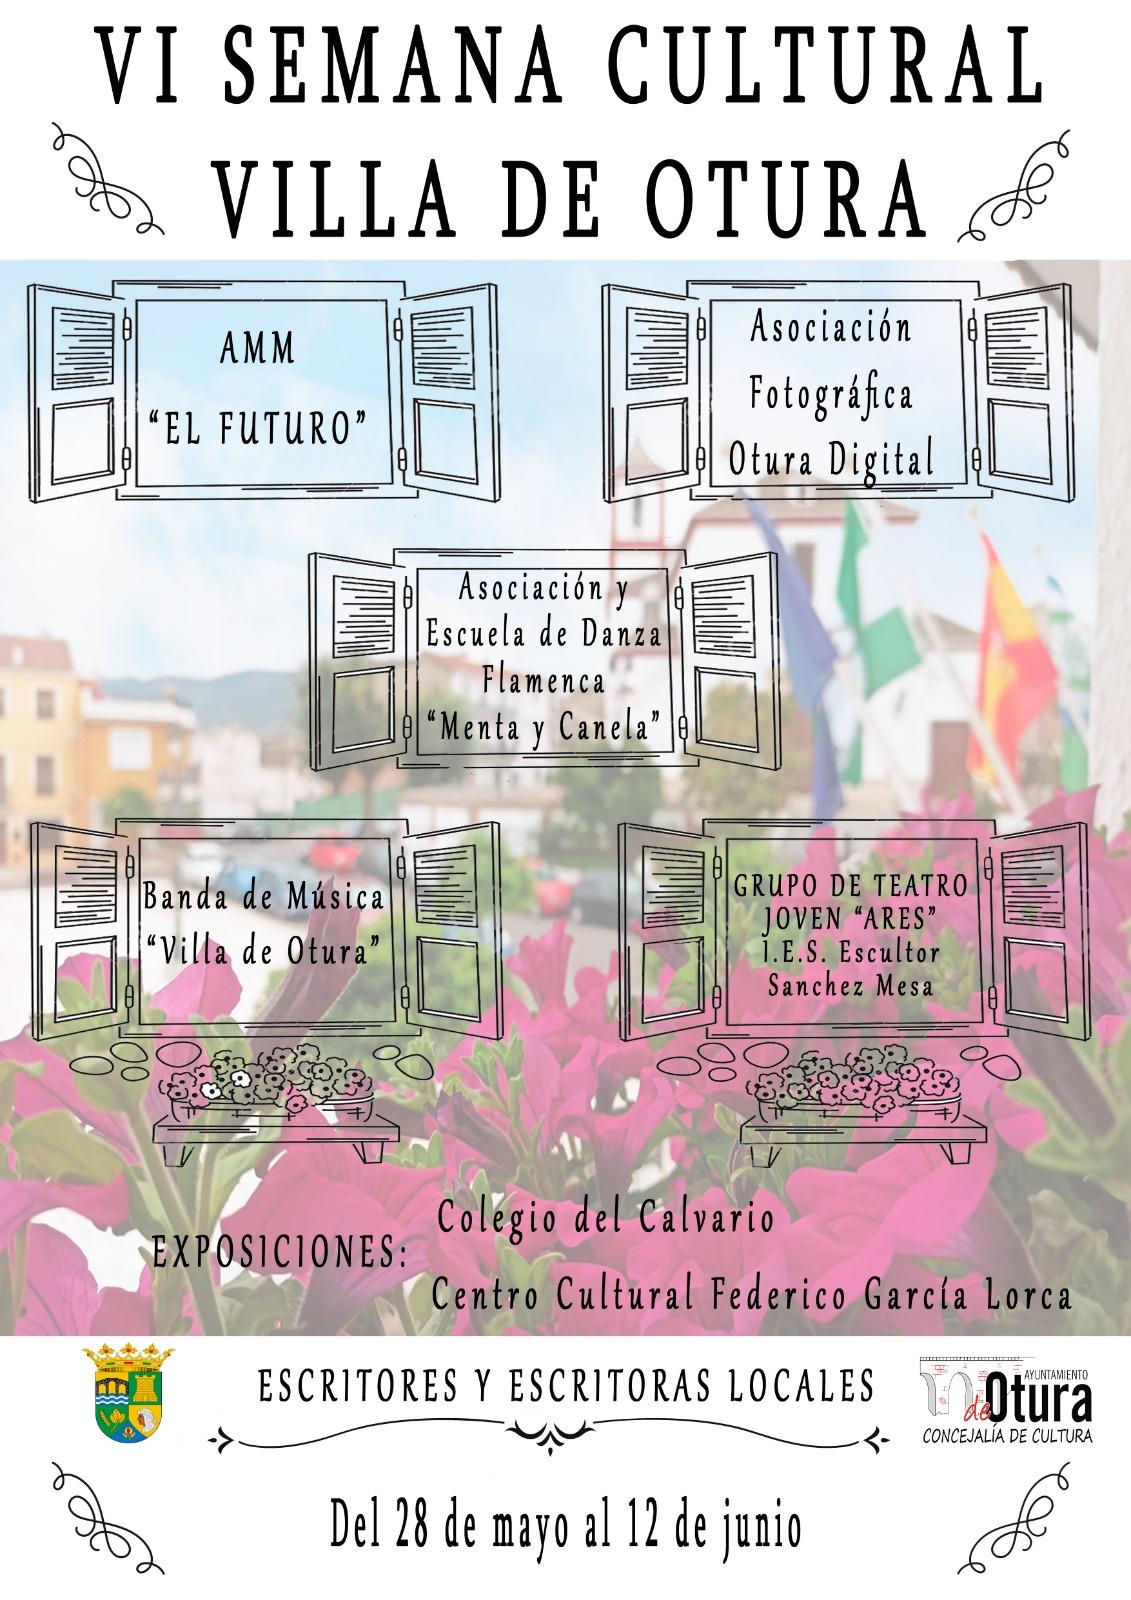 Fotografía, flamenco, música y teatro en la VI Semana Cultural de Otura